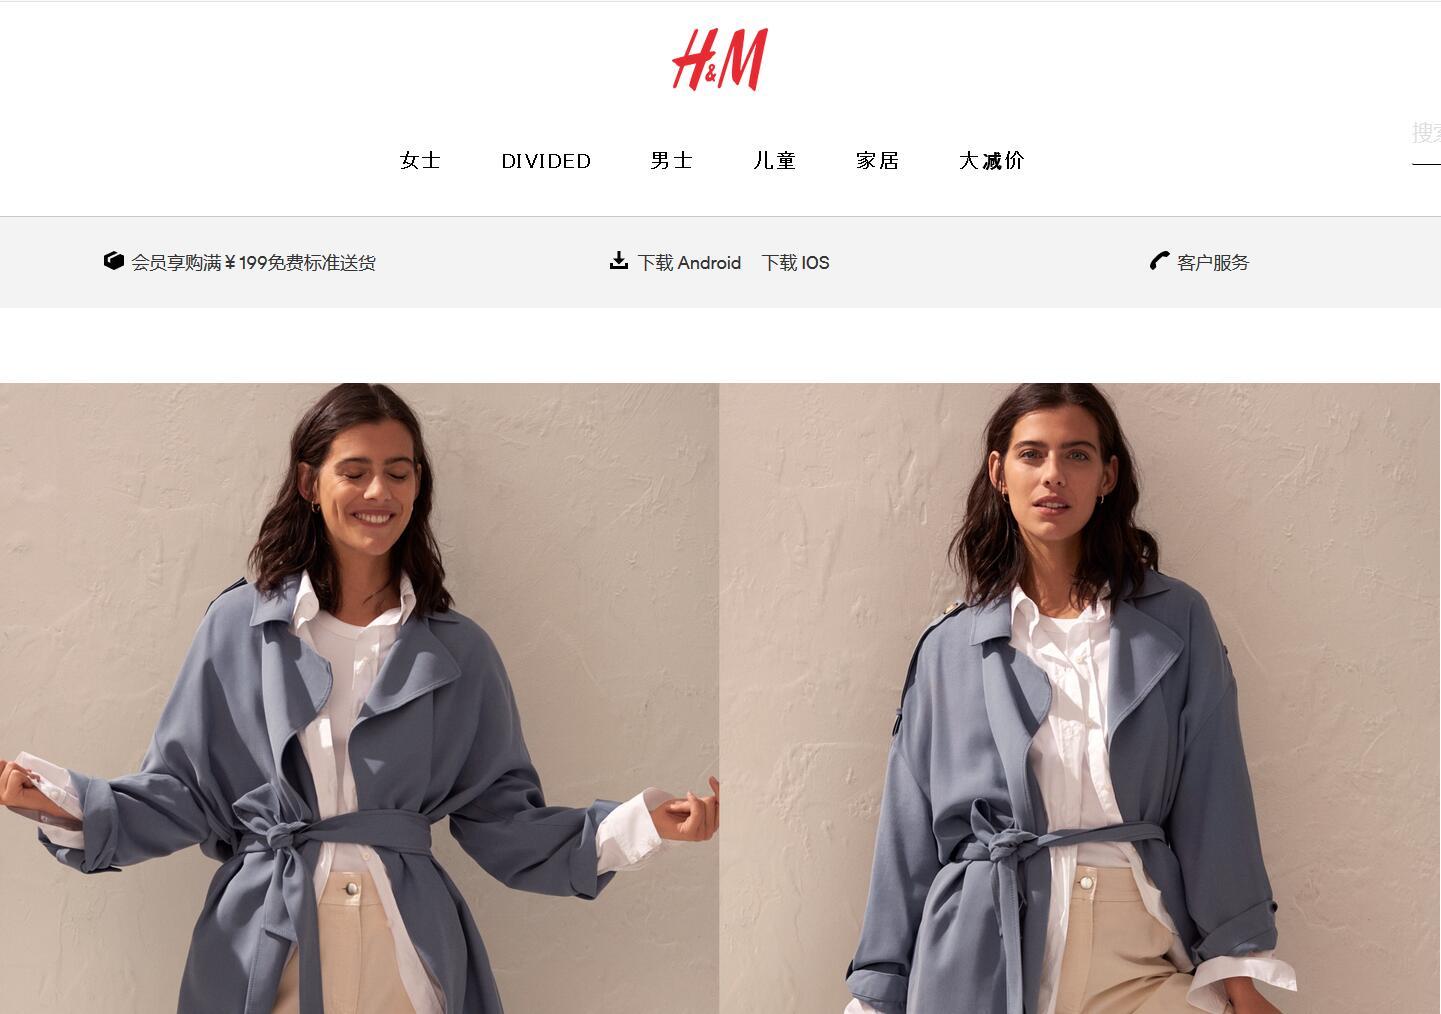 H&M称:疫情尚未对服装供应链造成严重影响,中国大陆门店正逐渐恢复营业